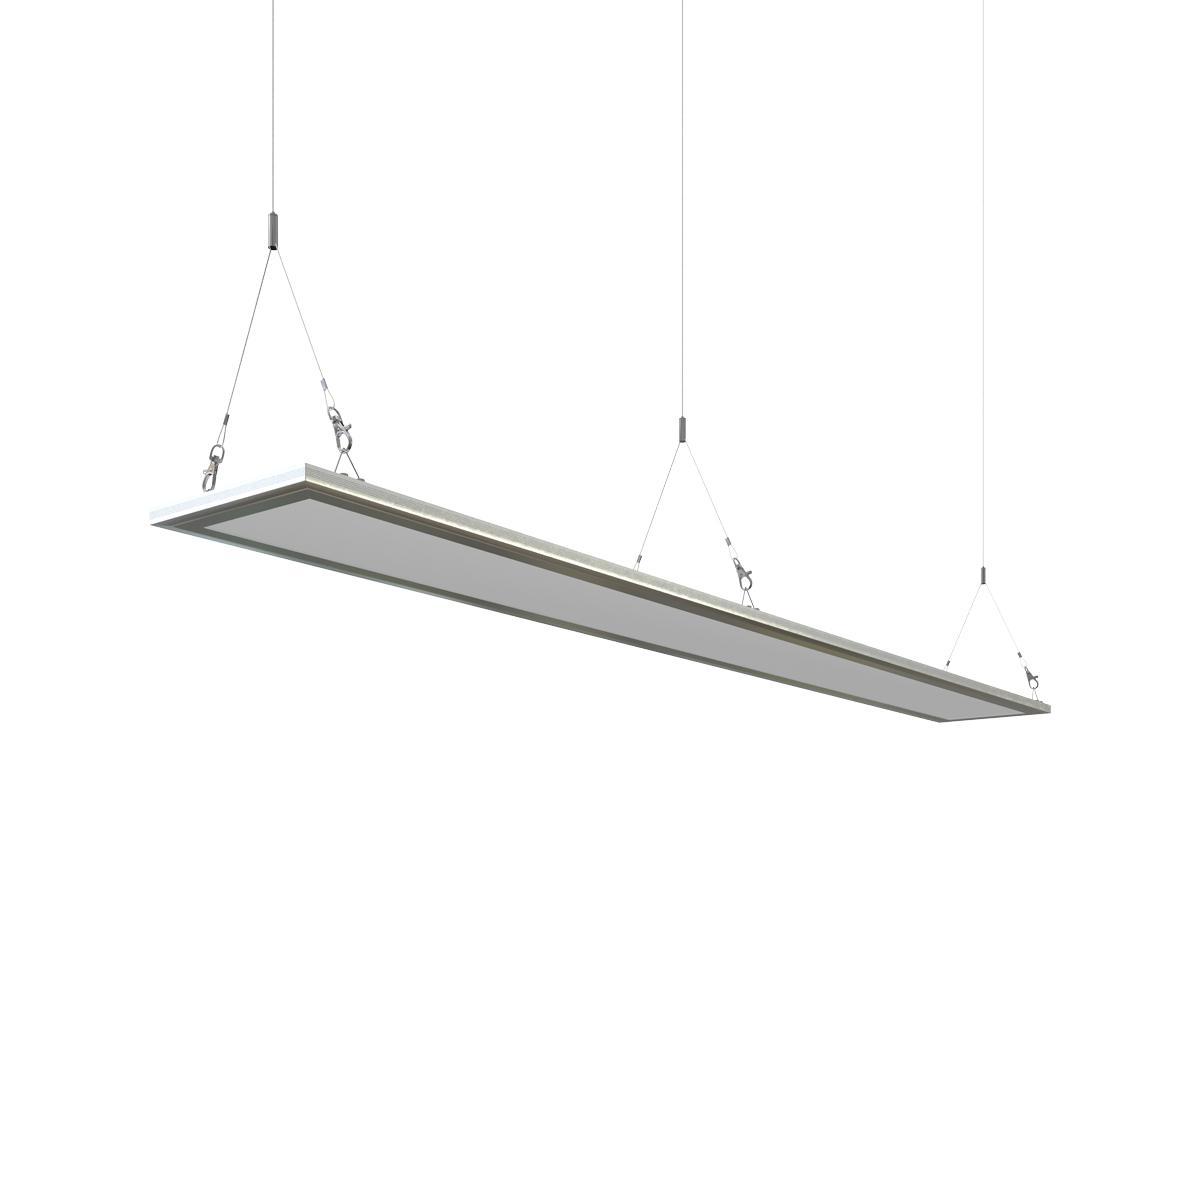 LED Panel Y-Seilabhängung 2x1Meter Aufhängung Seilsystem Montageset für Decke